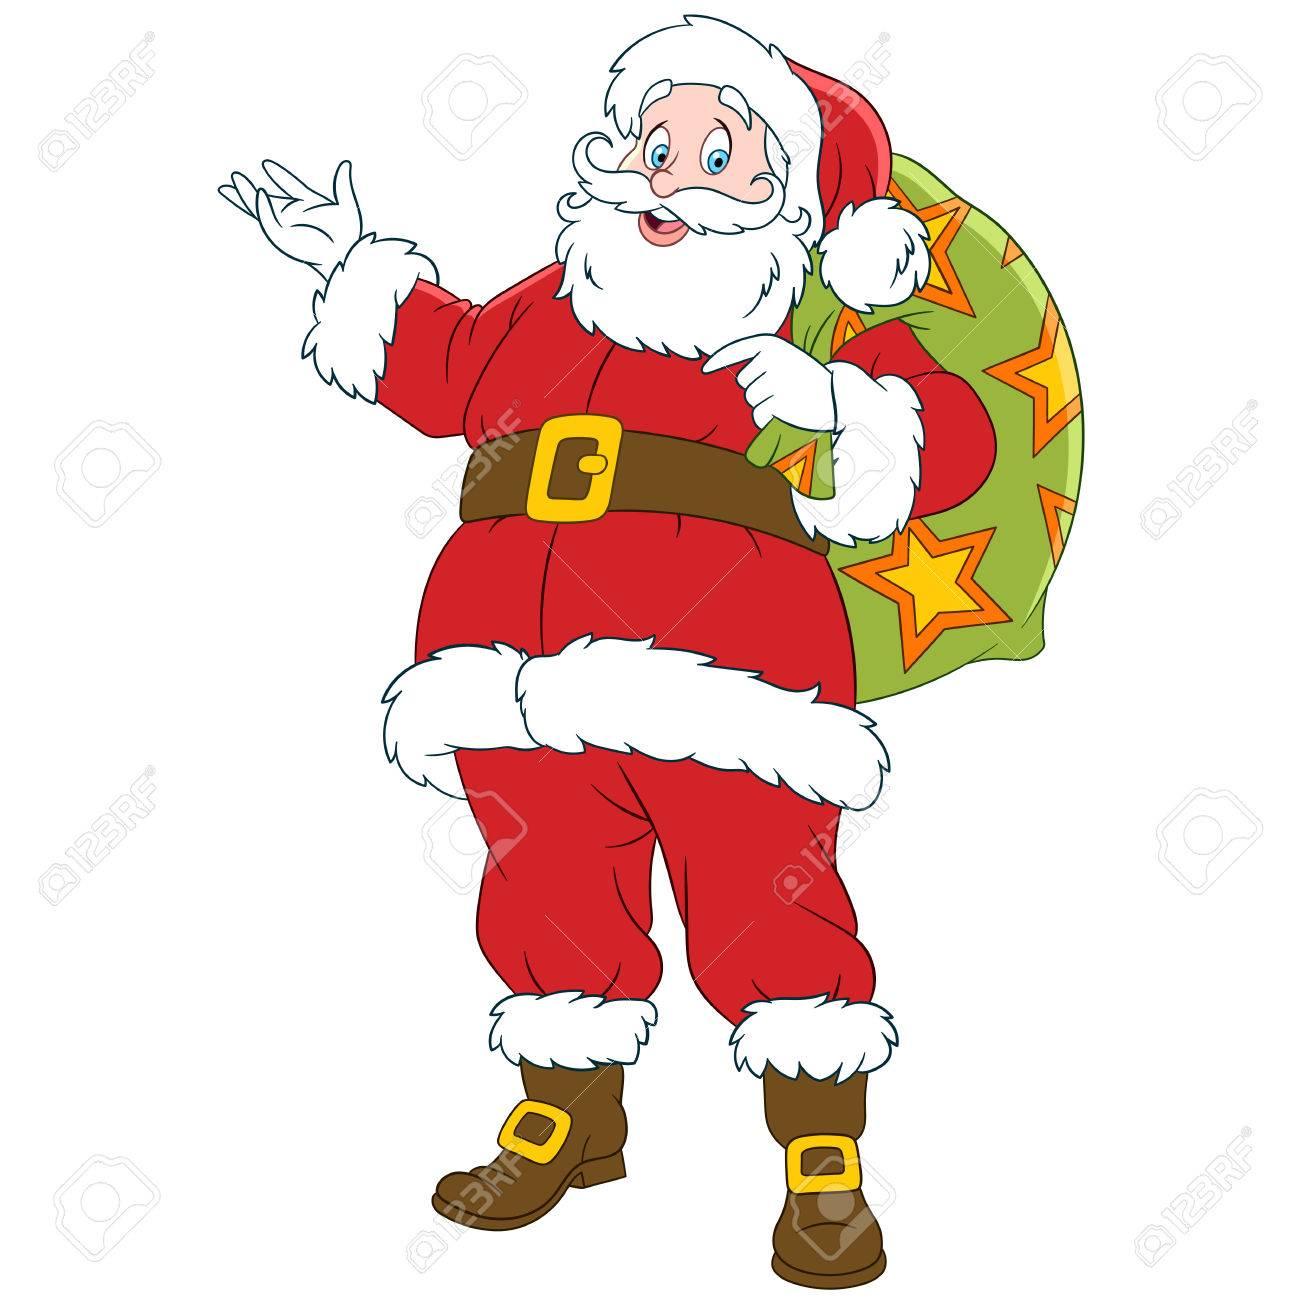 Imagenes De Papa Noel Animado.Feliz Ano Nuevo Dibujo Animado De Santa Claus Con Un Saco De Regalos